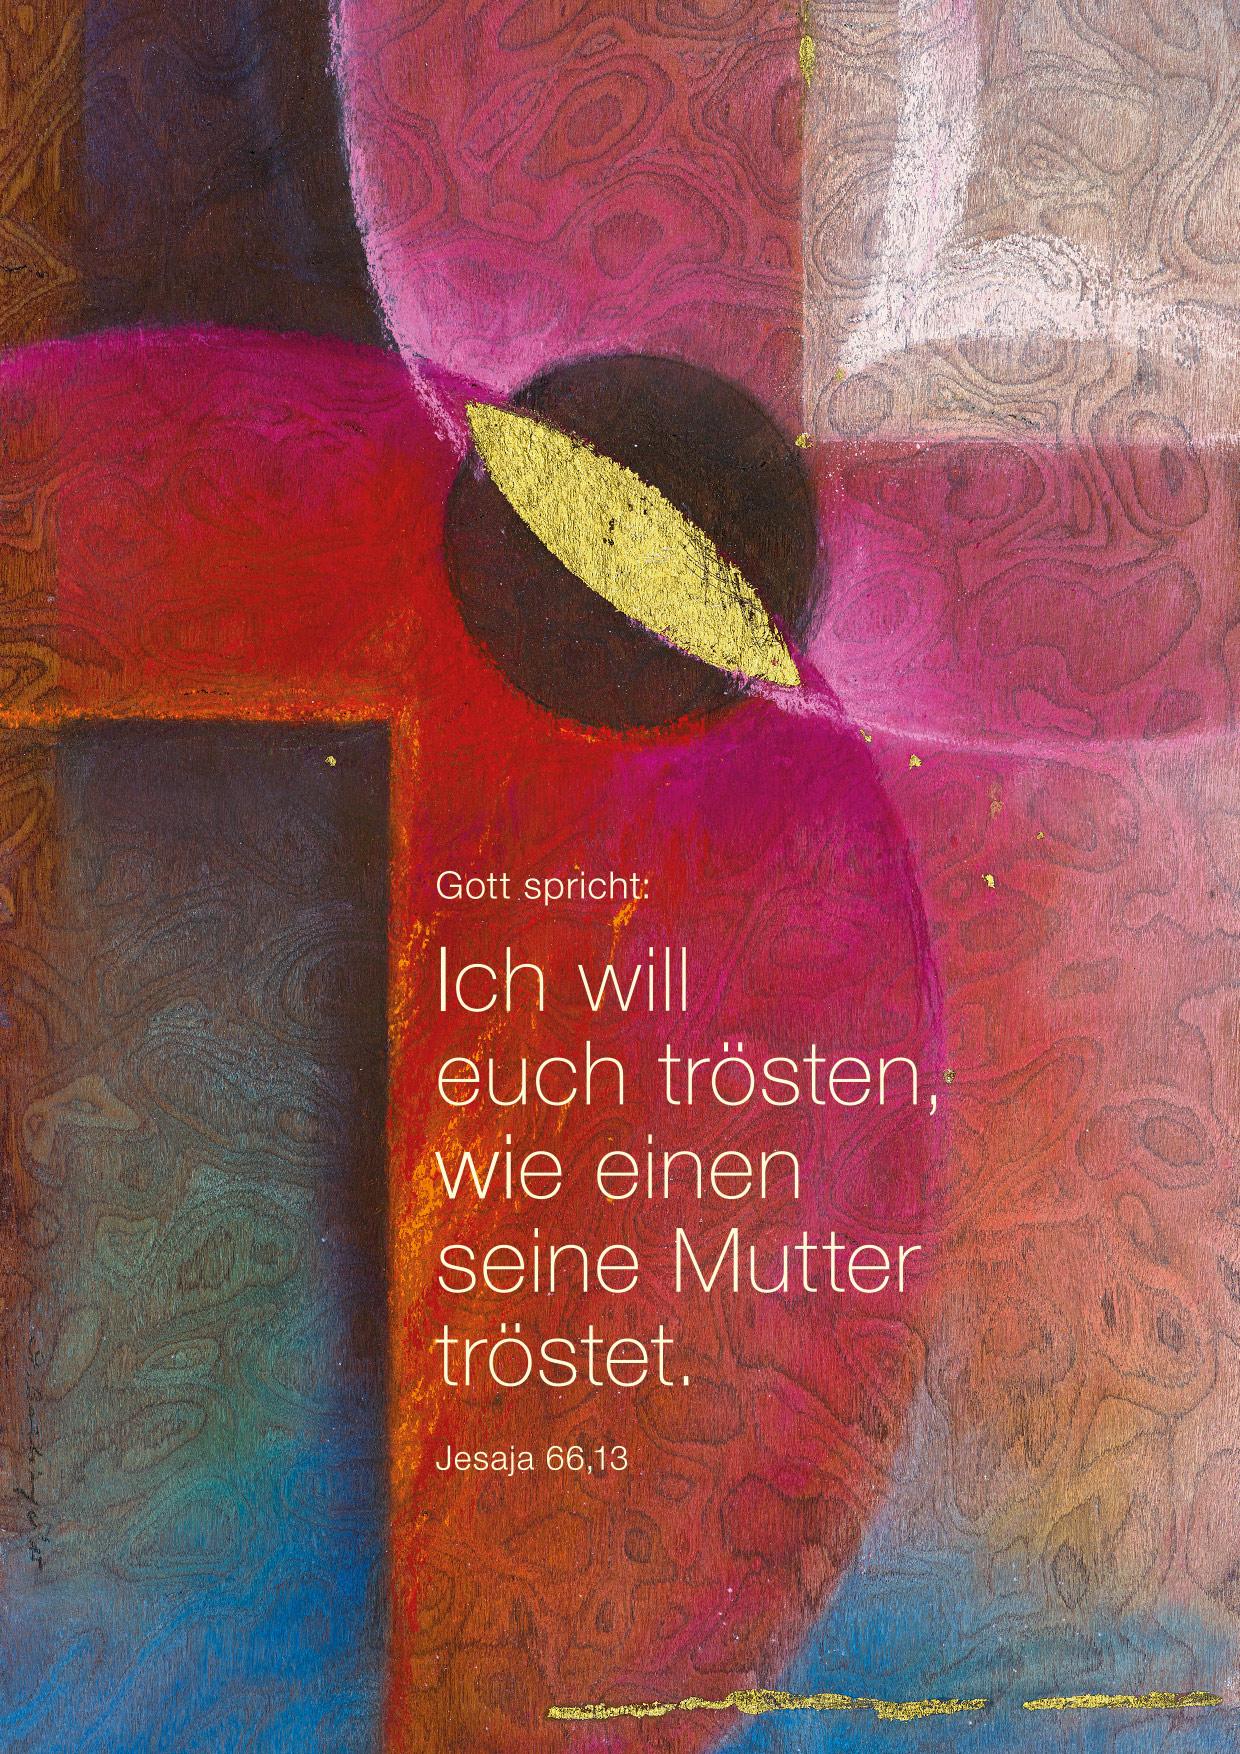 Jahreslosung im Verlag am Birnbach - Motiv von Stefanie Bahlinger, Mössingen